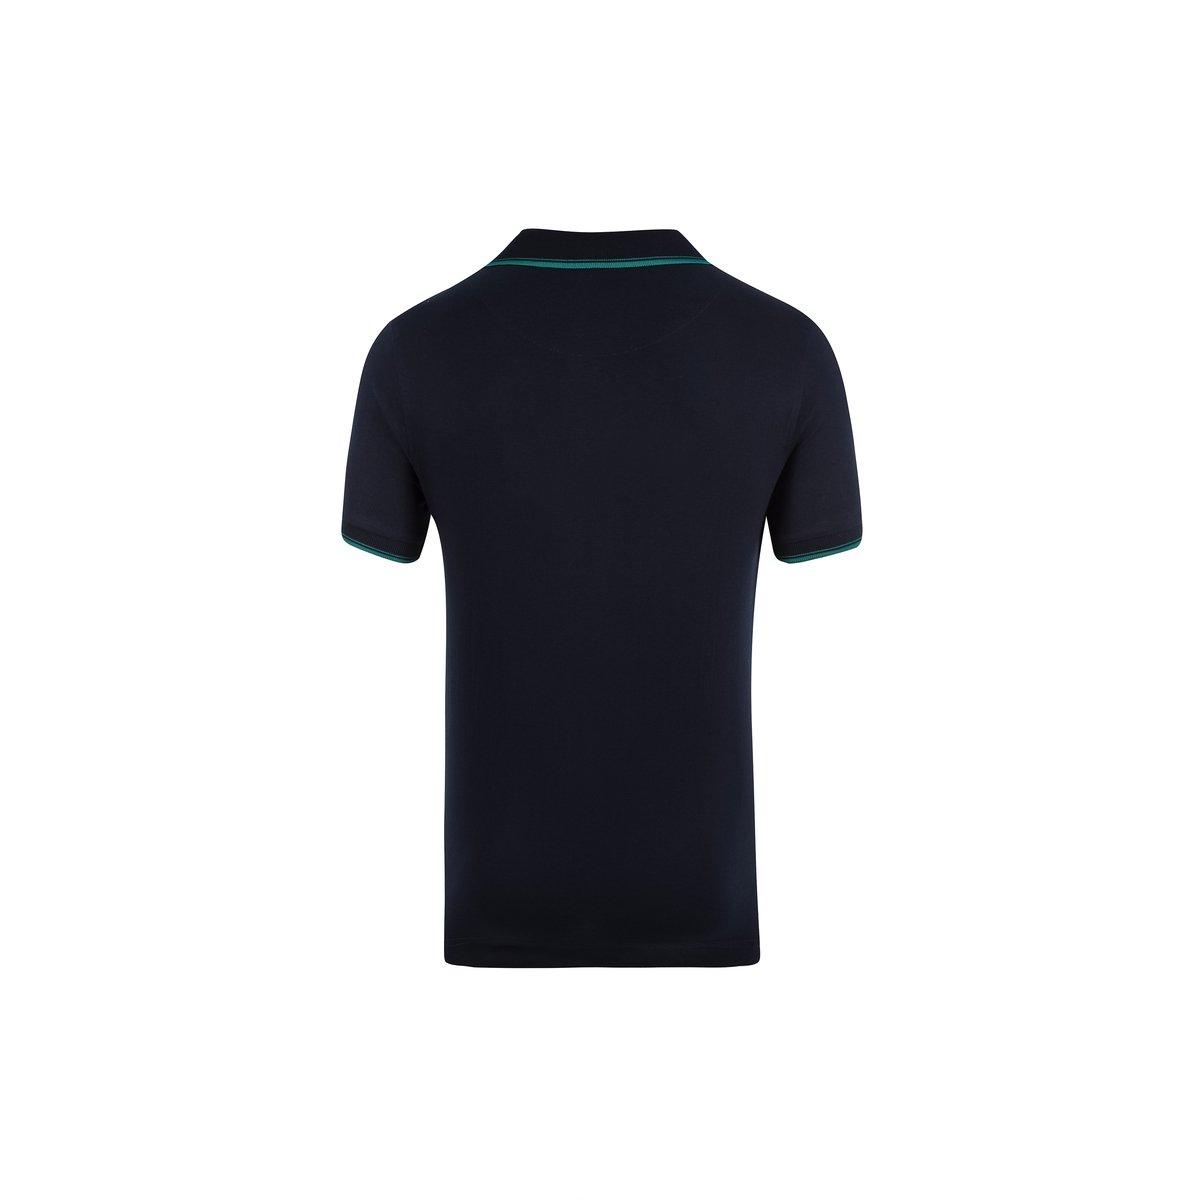 e6162a5537 Camisa Polo Pierre Cardin Navy Exclusive Masculina - Compre Agora ...